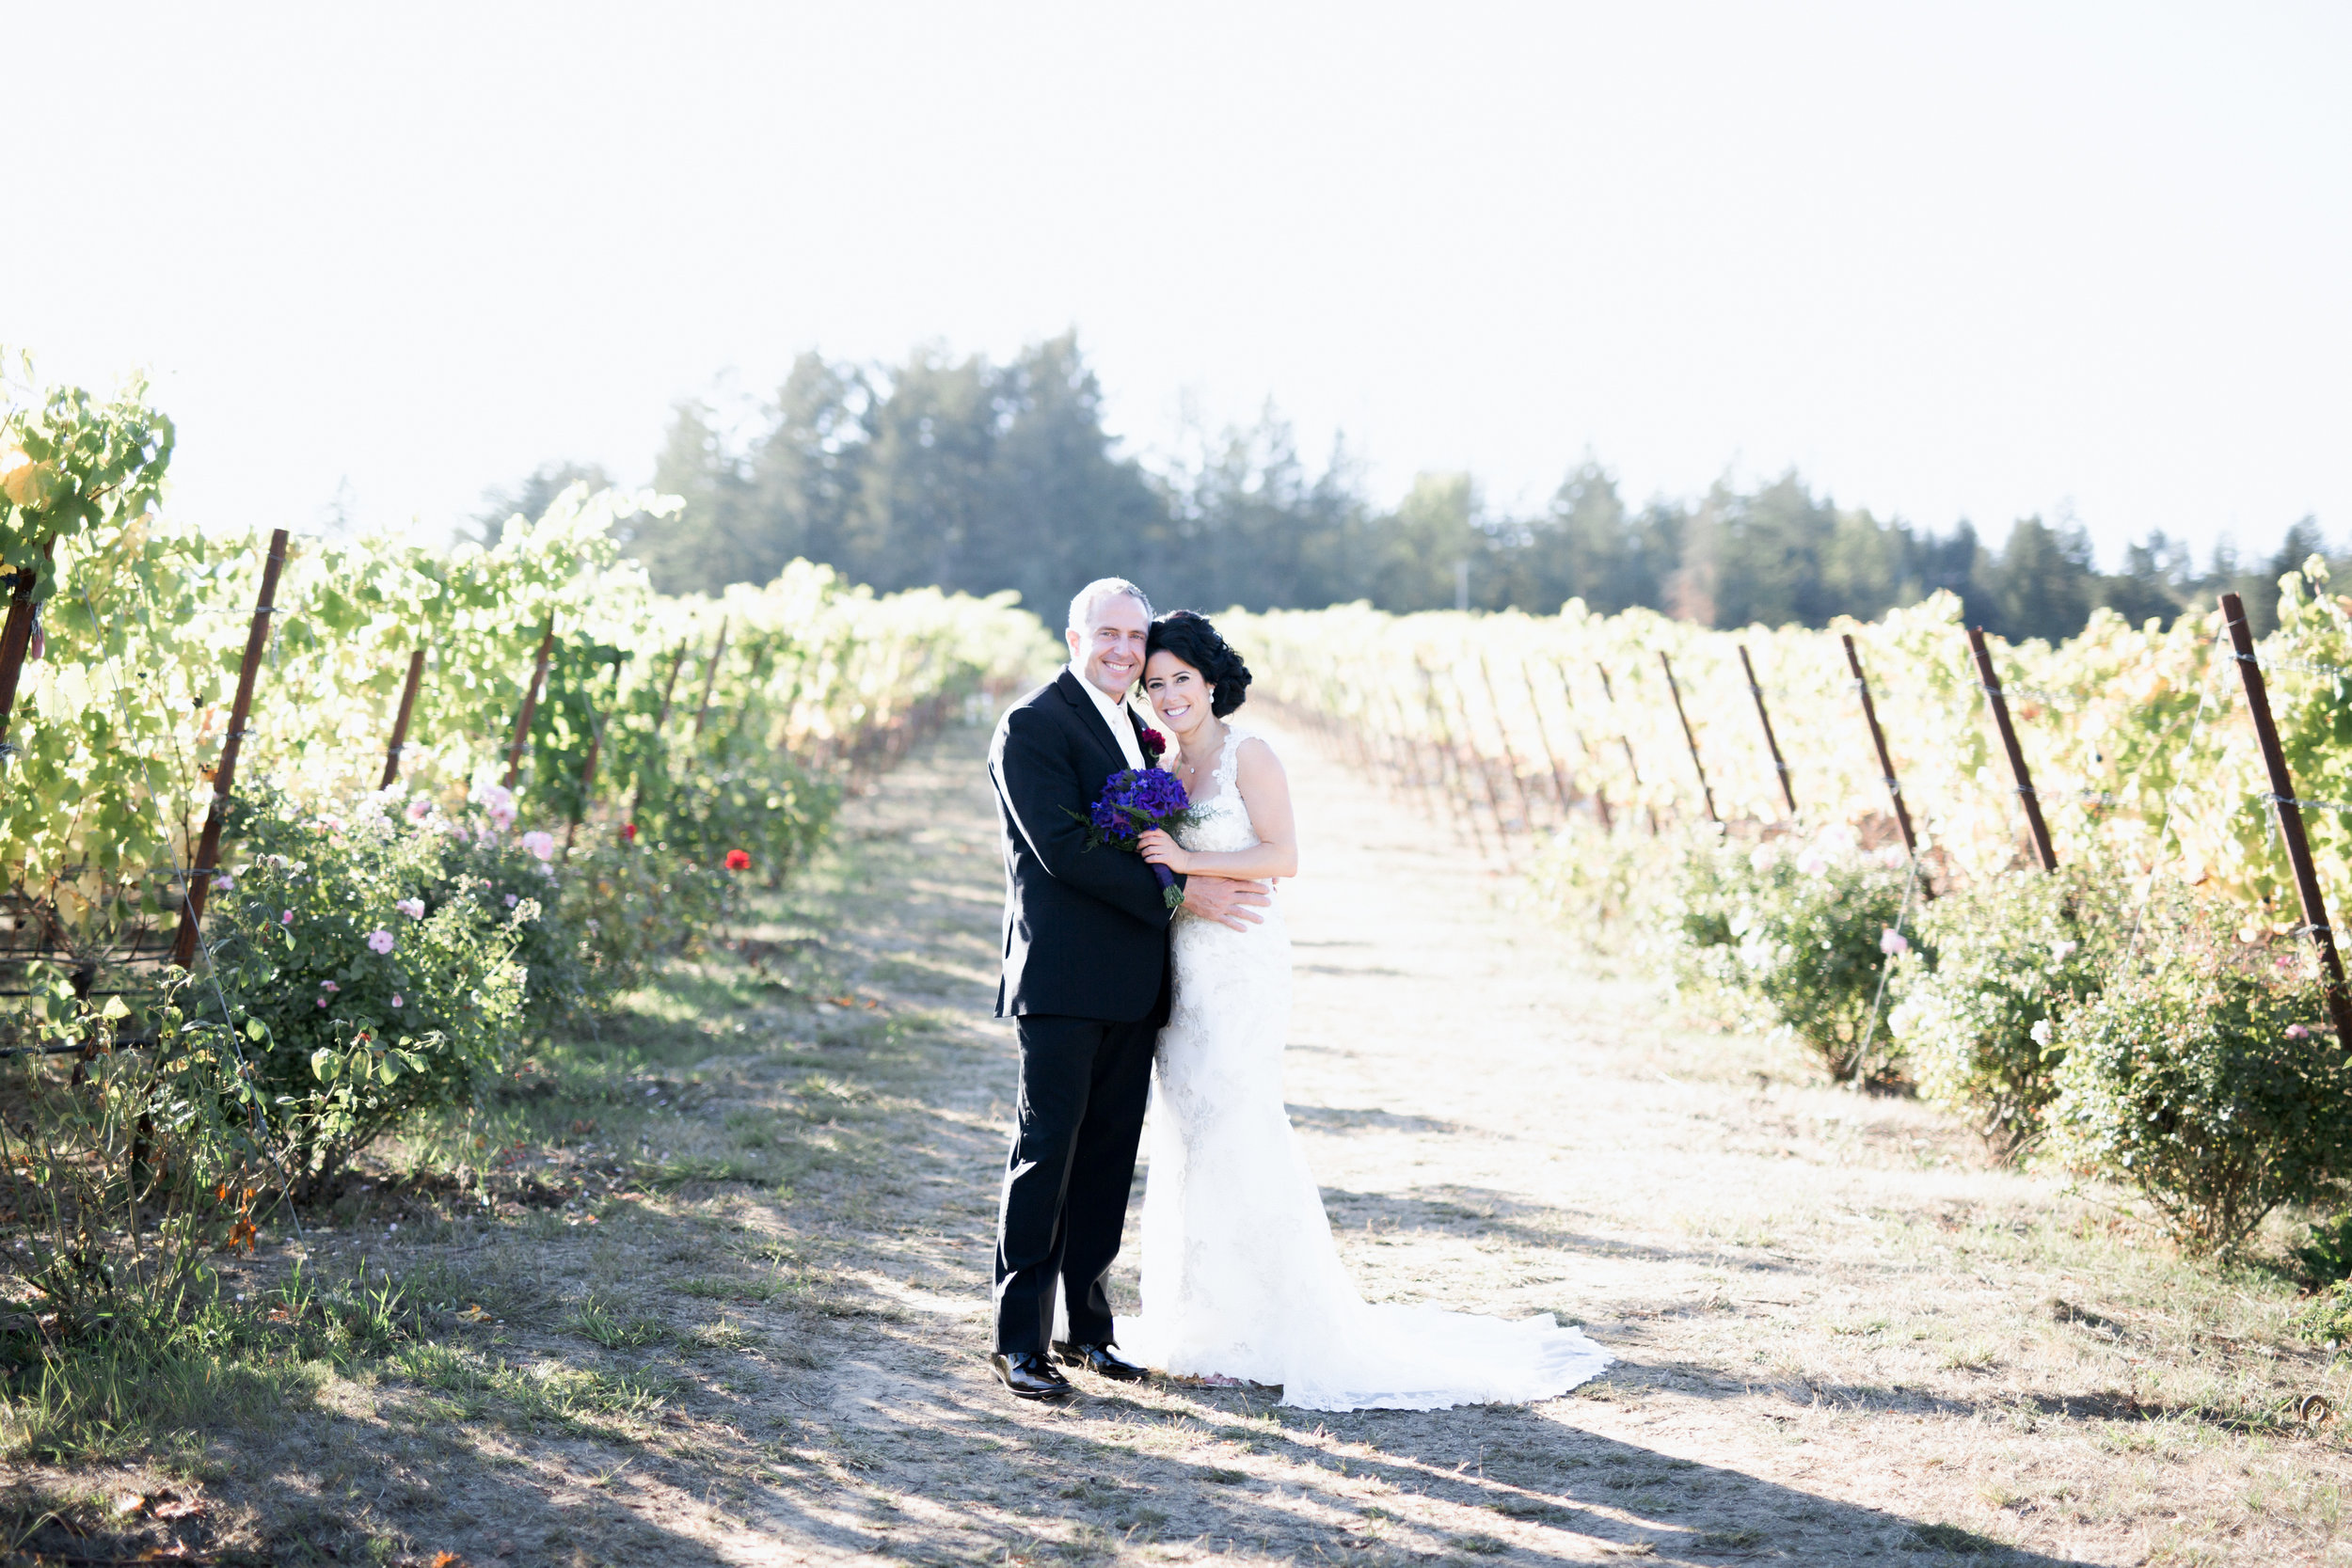 MacCoy Dean Wedding Photography Fine Art Bright Clean Portland Oregon-1-8.jpg